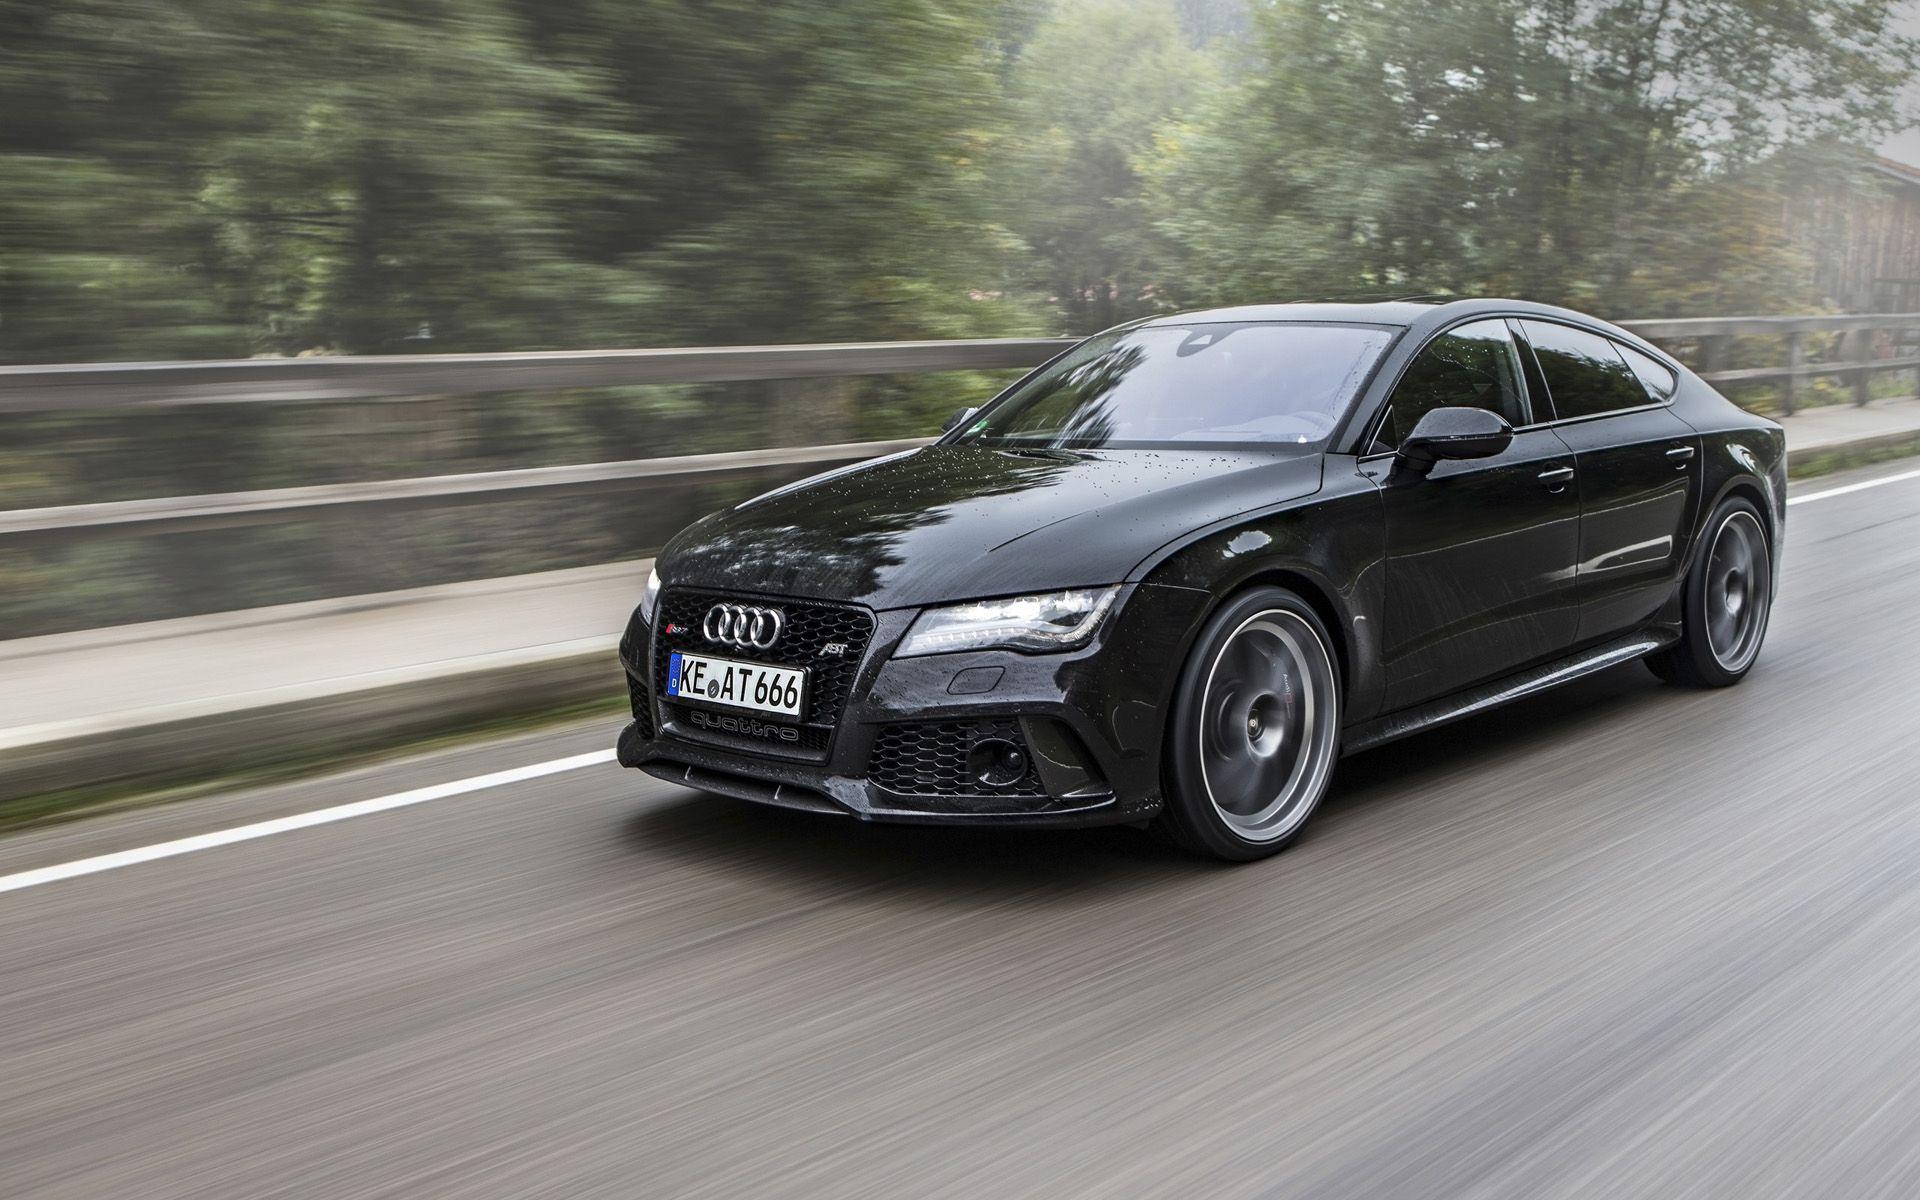 Audi RS Wallpaper Cars Pinterest Audi Rs Audi Rs And - Audi car ke wallpaper